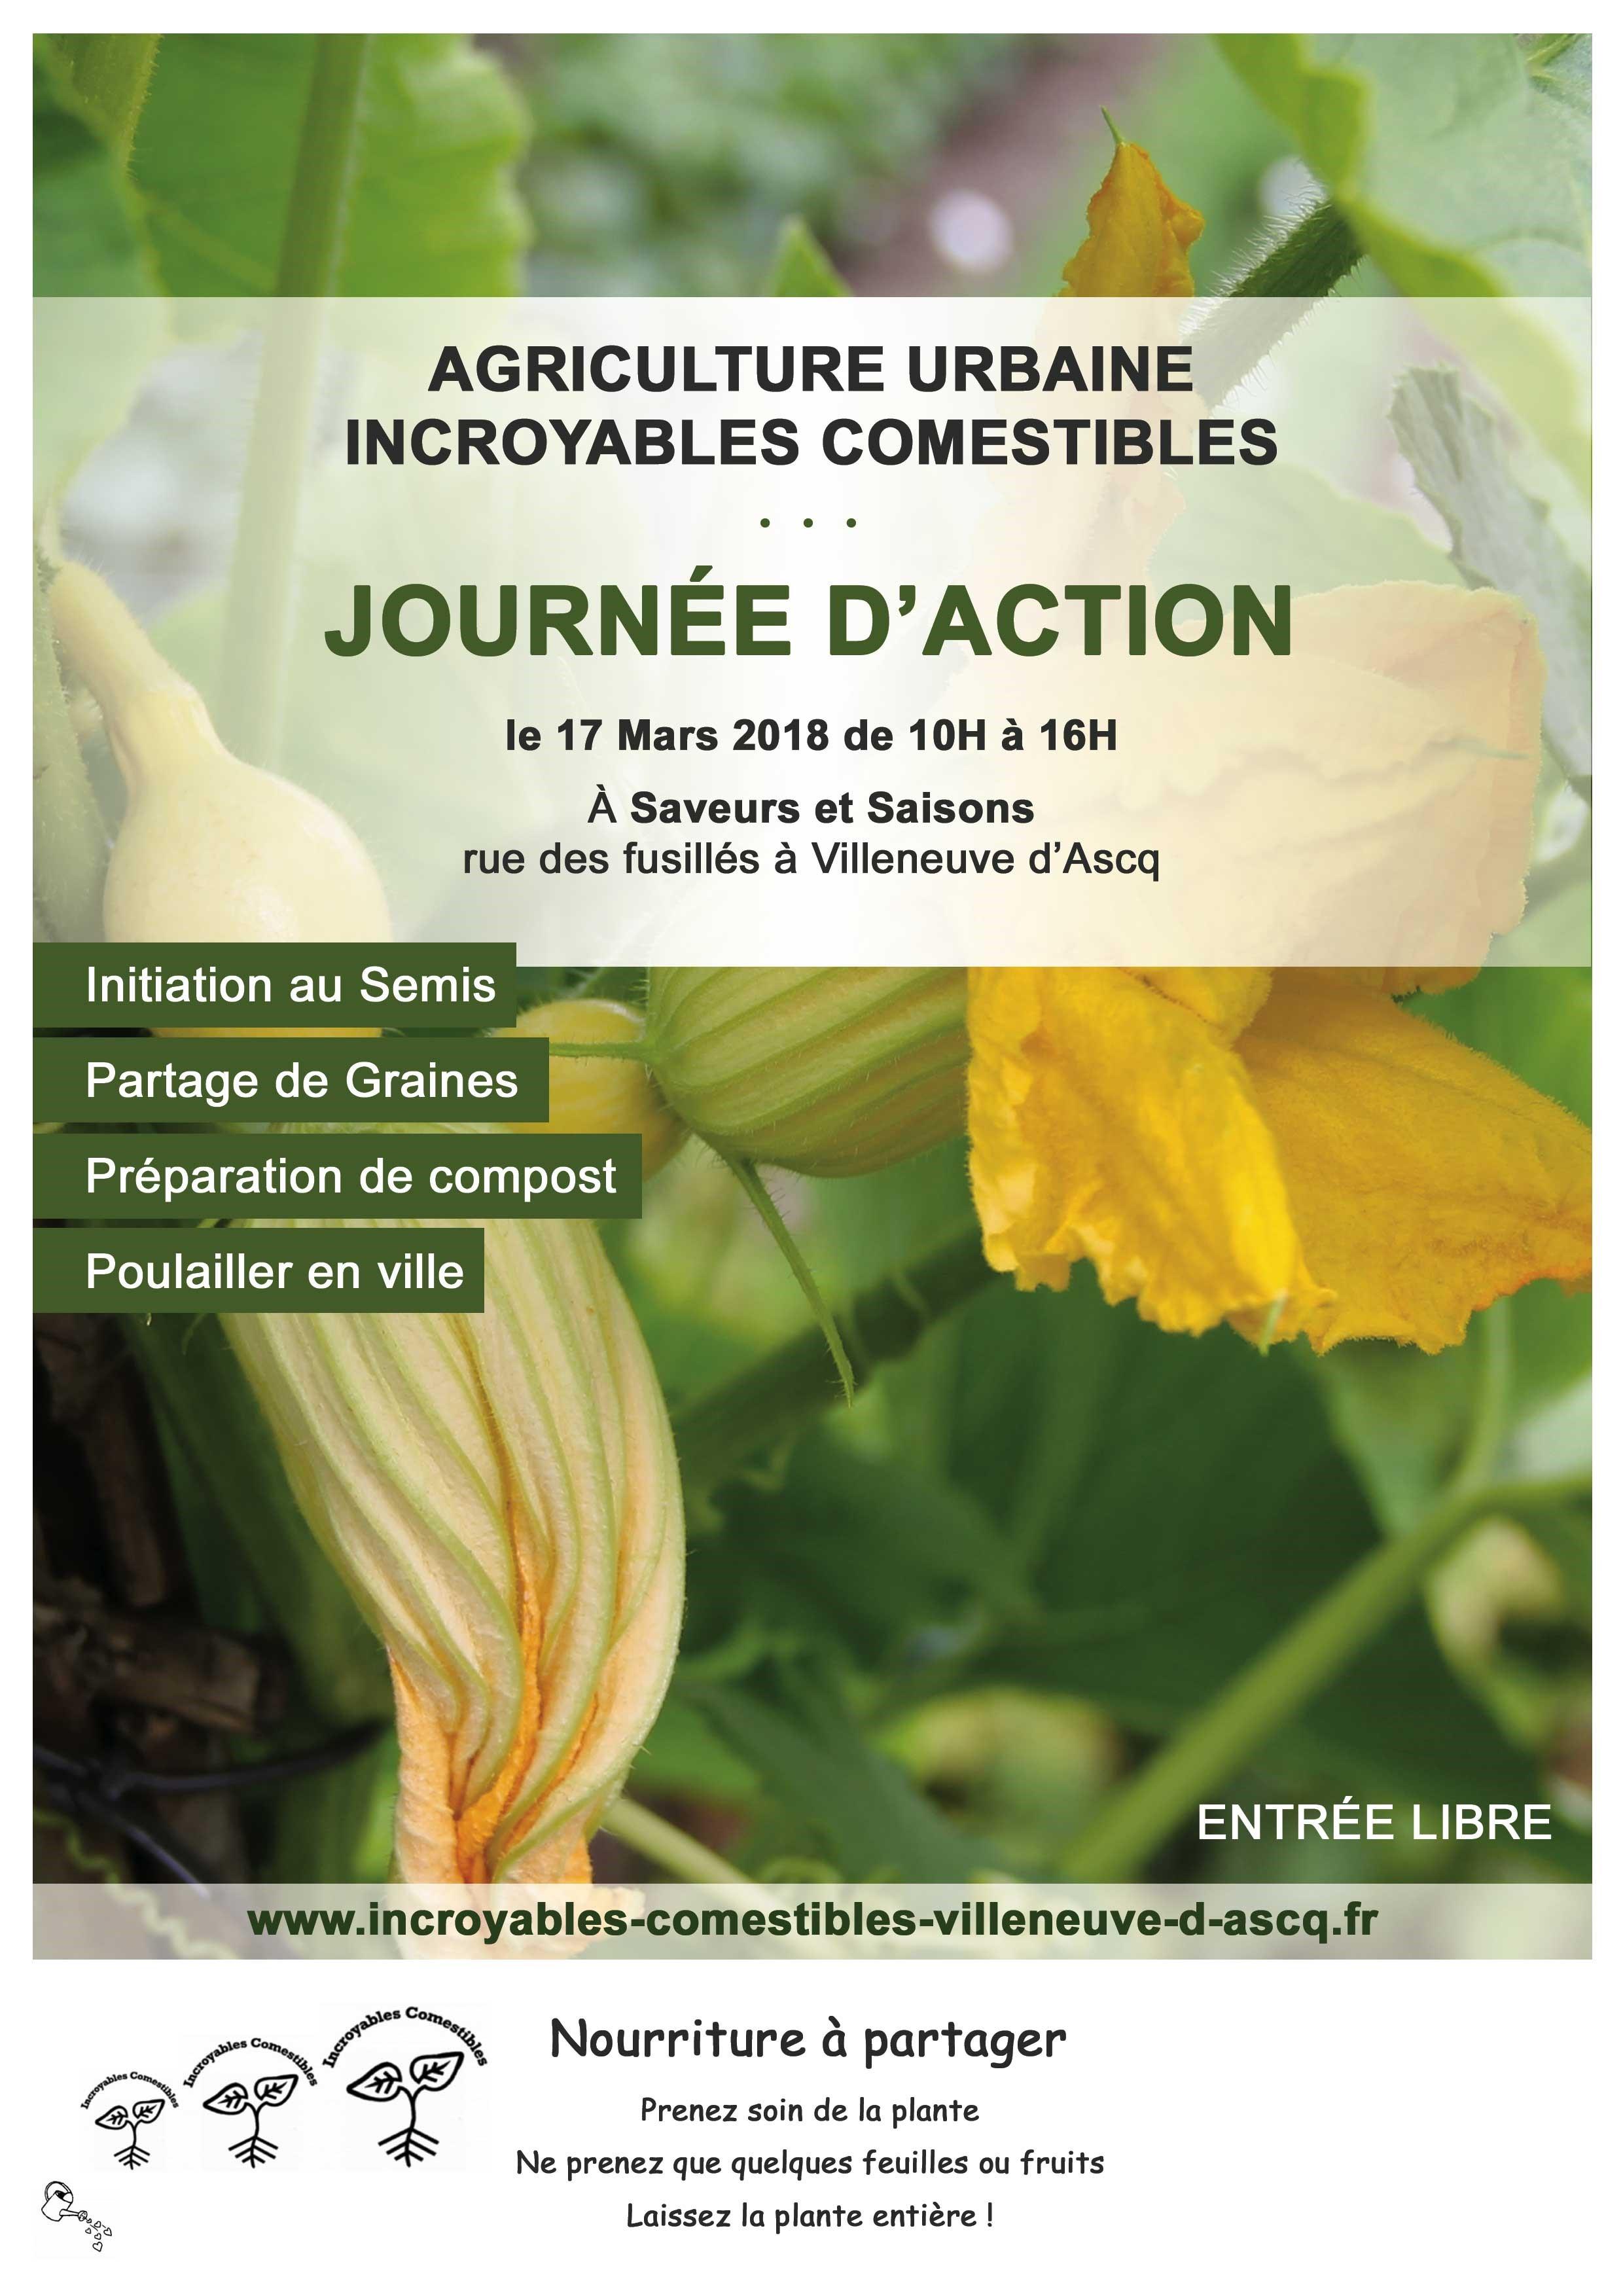 Journée-d'action-17-mars-2018-Villeneuve-d'Ascq